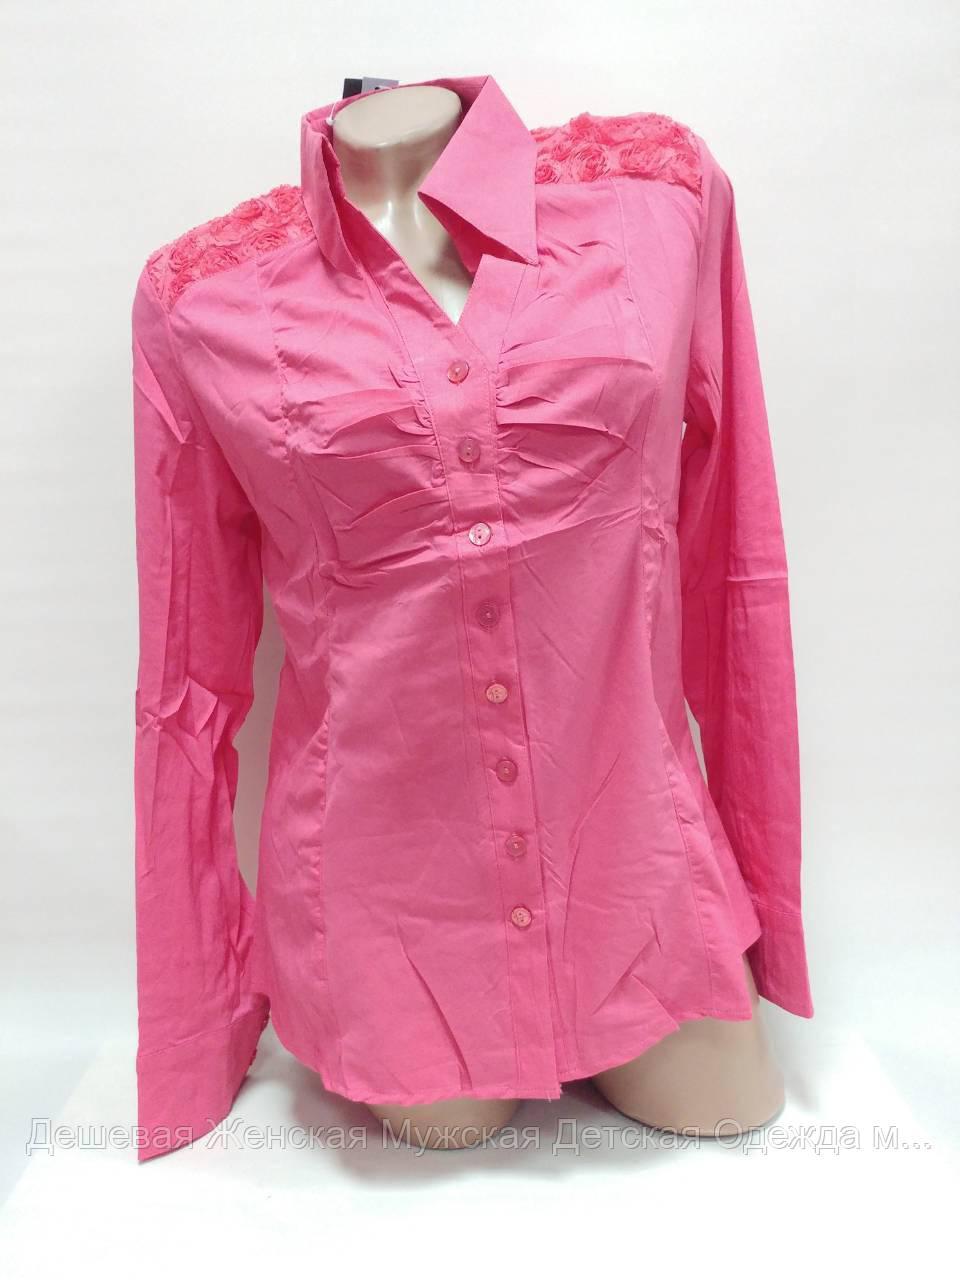 Блузка женская. В ростовке 5 шт. Размеры 48-56.